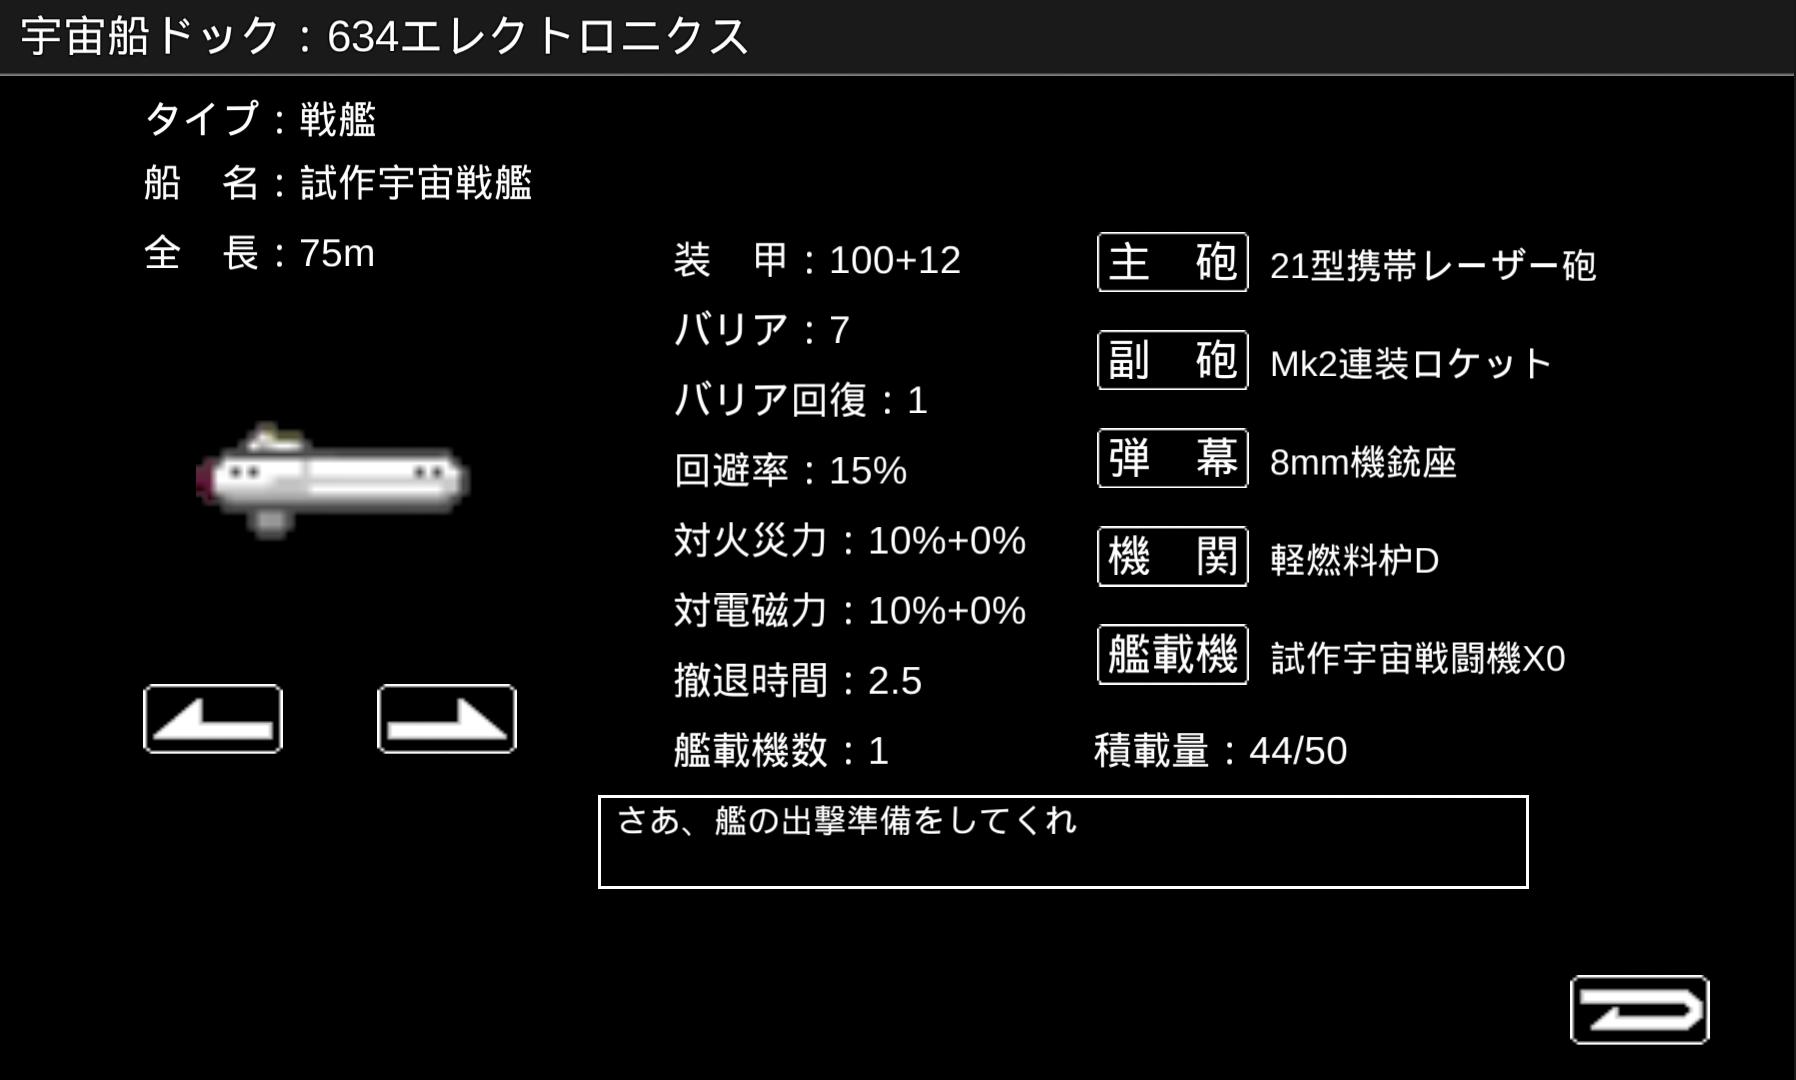 宇宙戦艦物語RPG androidアプリスクリーンショット2